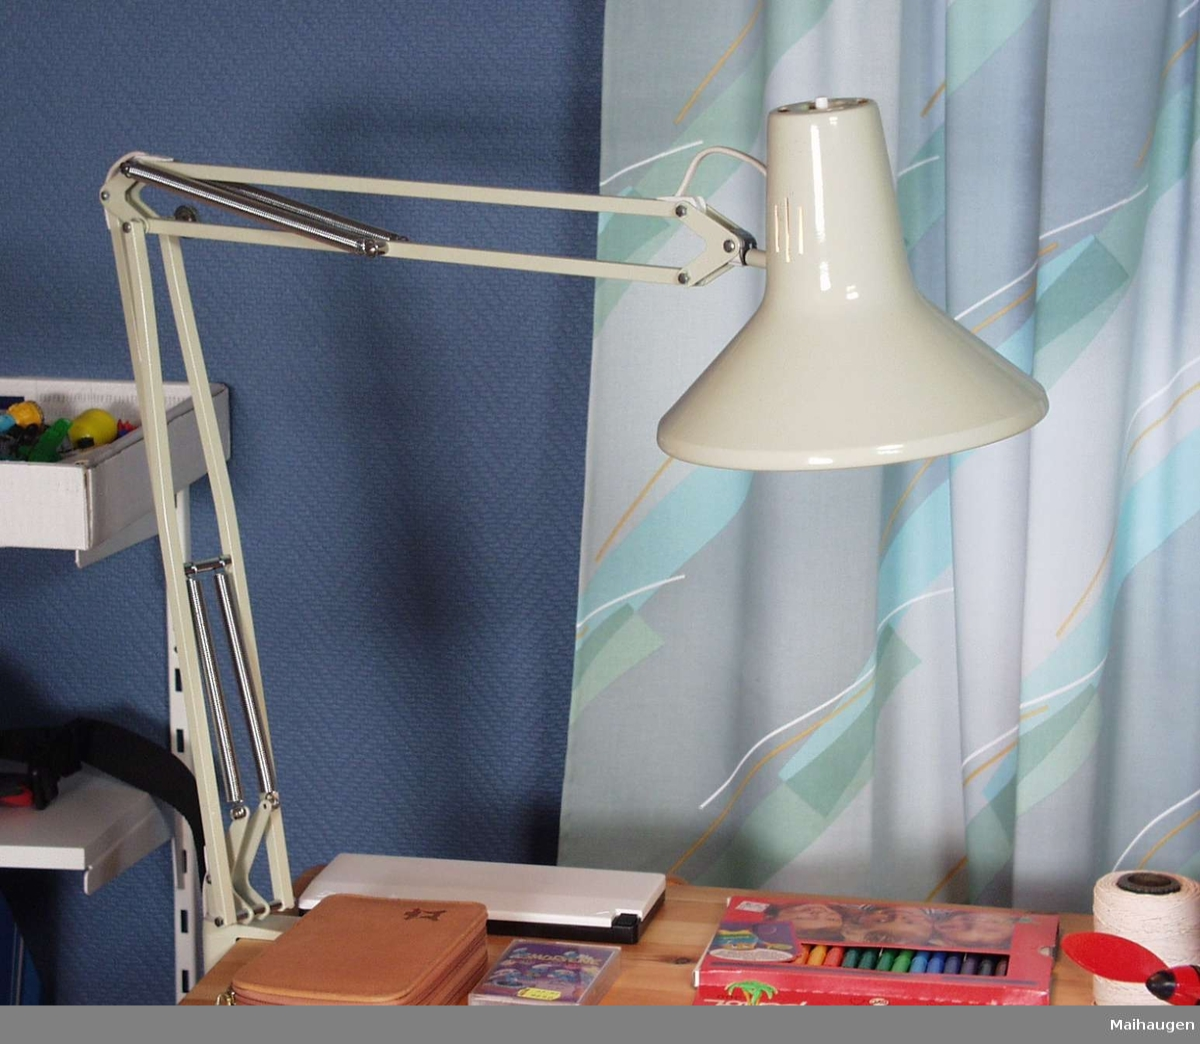 Grålakkert skrivebordslampe i metall med justerbar arm.